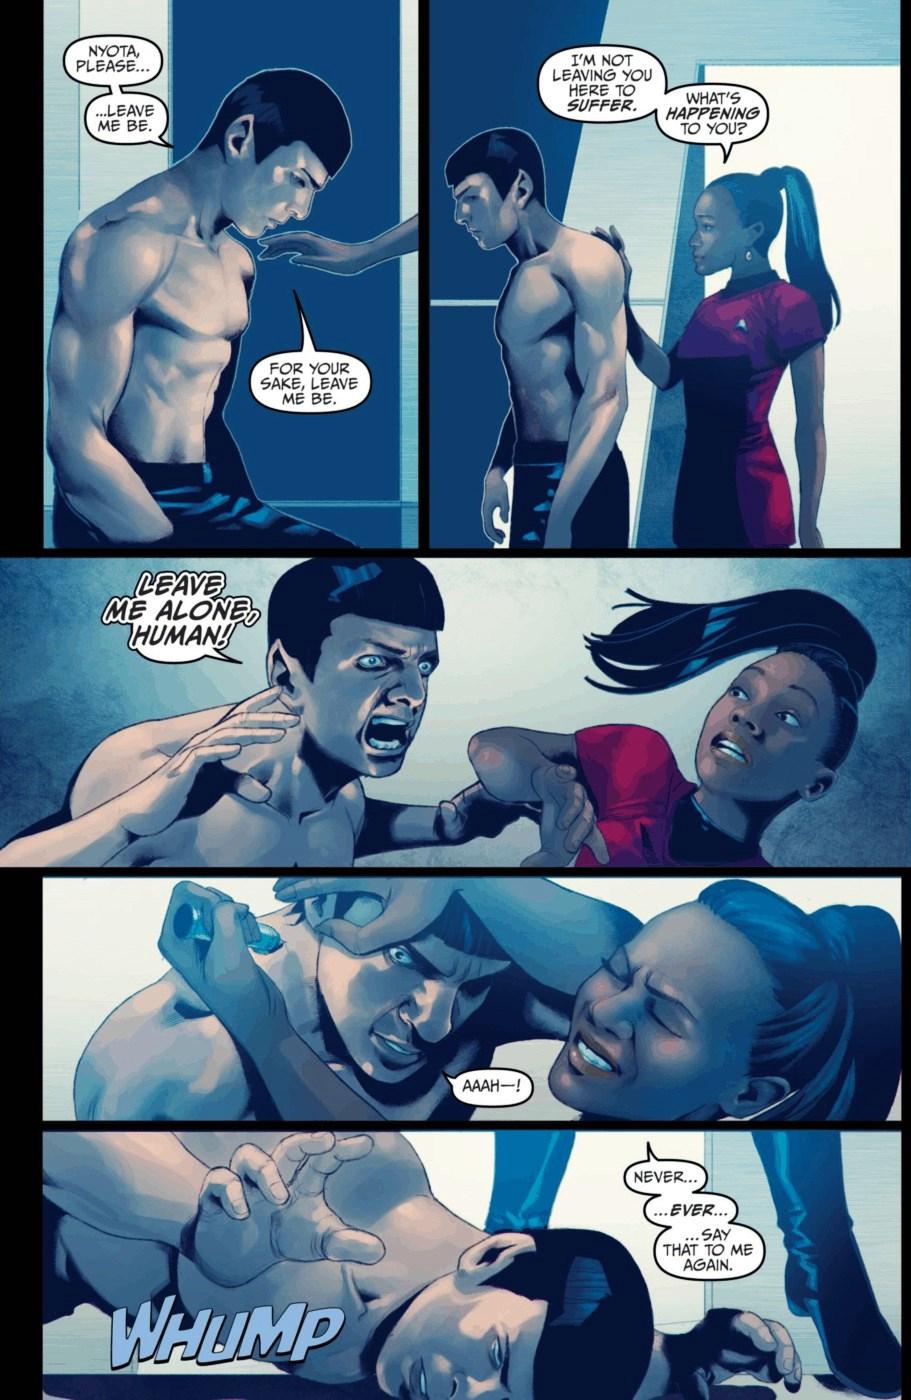 star trek 2 spock and uhura relationship